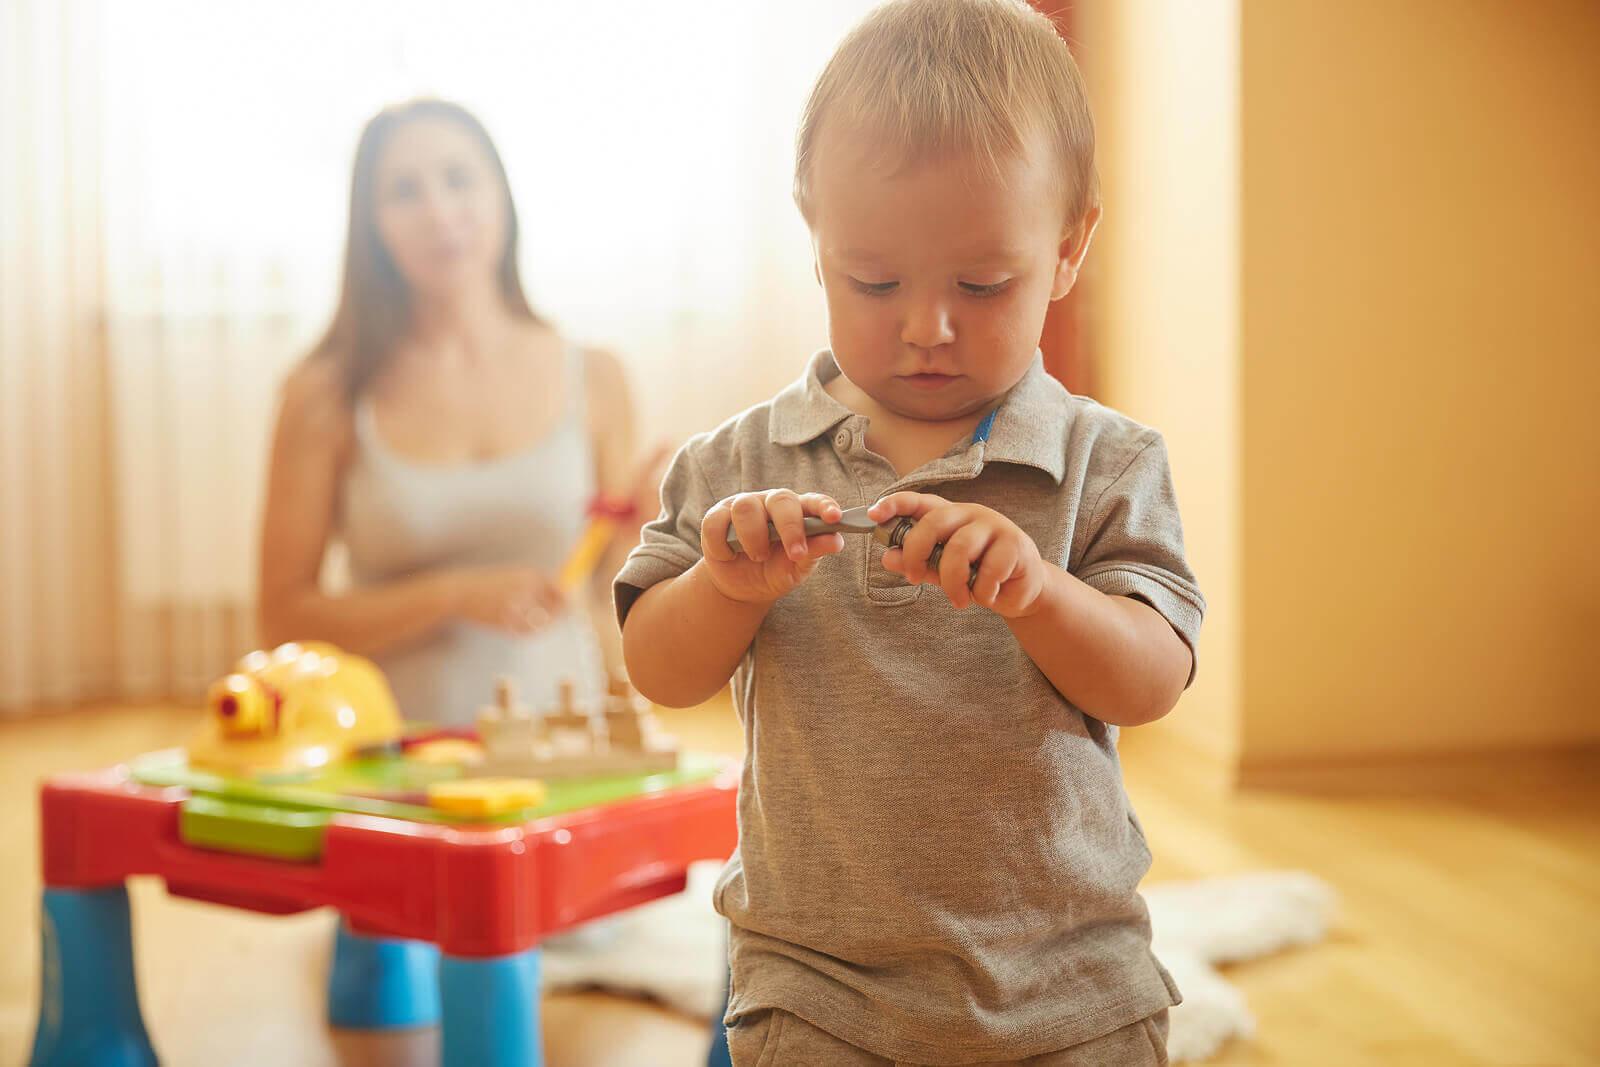 anne ve çocuk evde oyun oynuyor